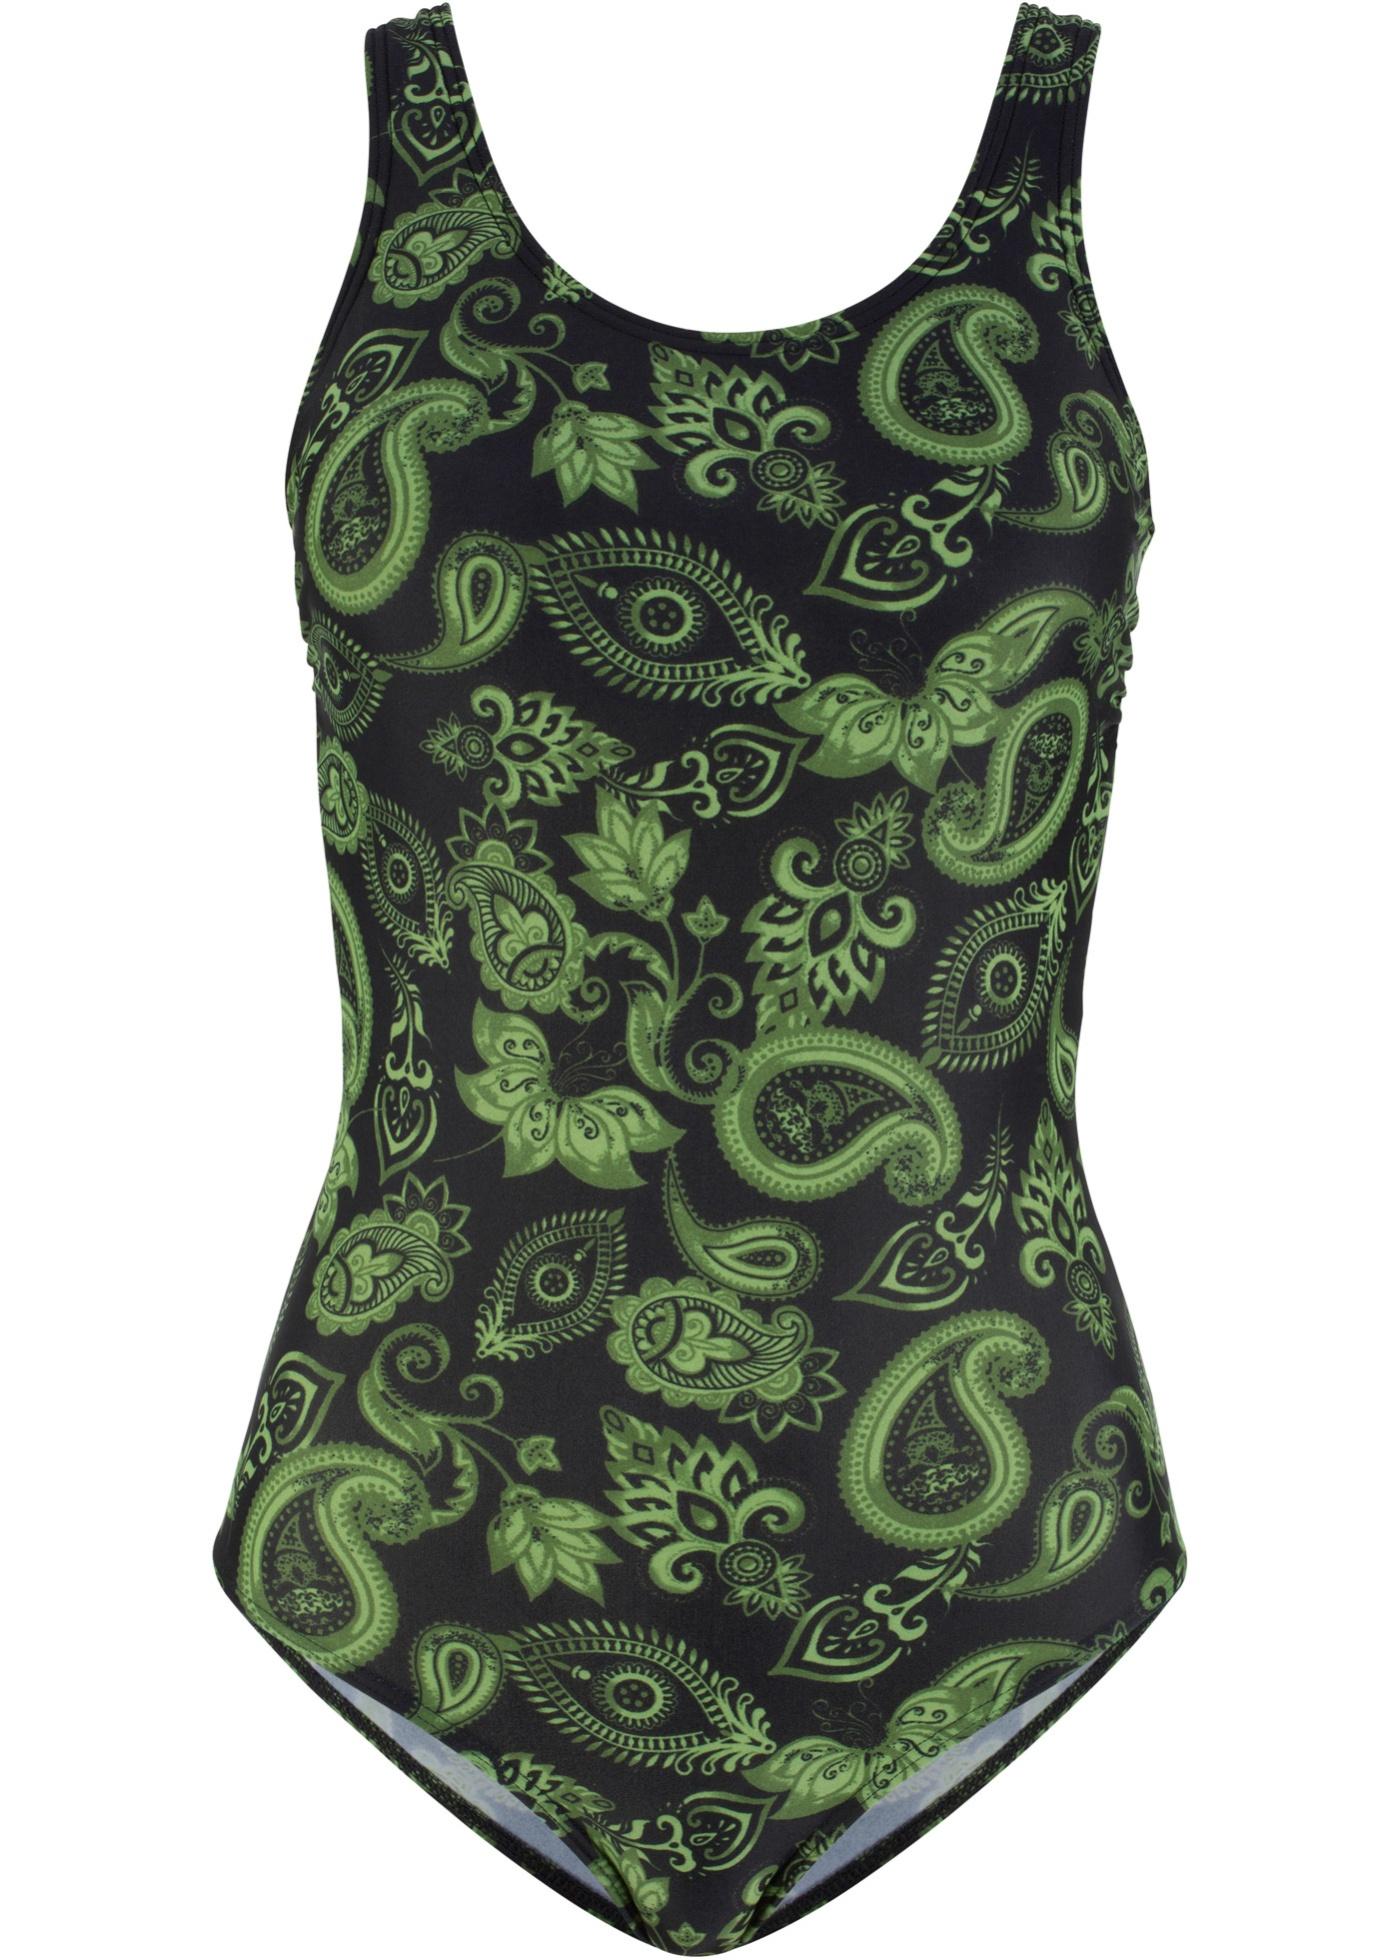 Bpc Bonprix Pièce Vert Femme Pour CollectionMaillot 1 N8nOvw0m